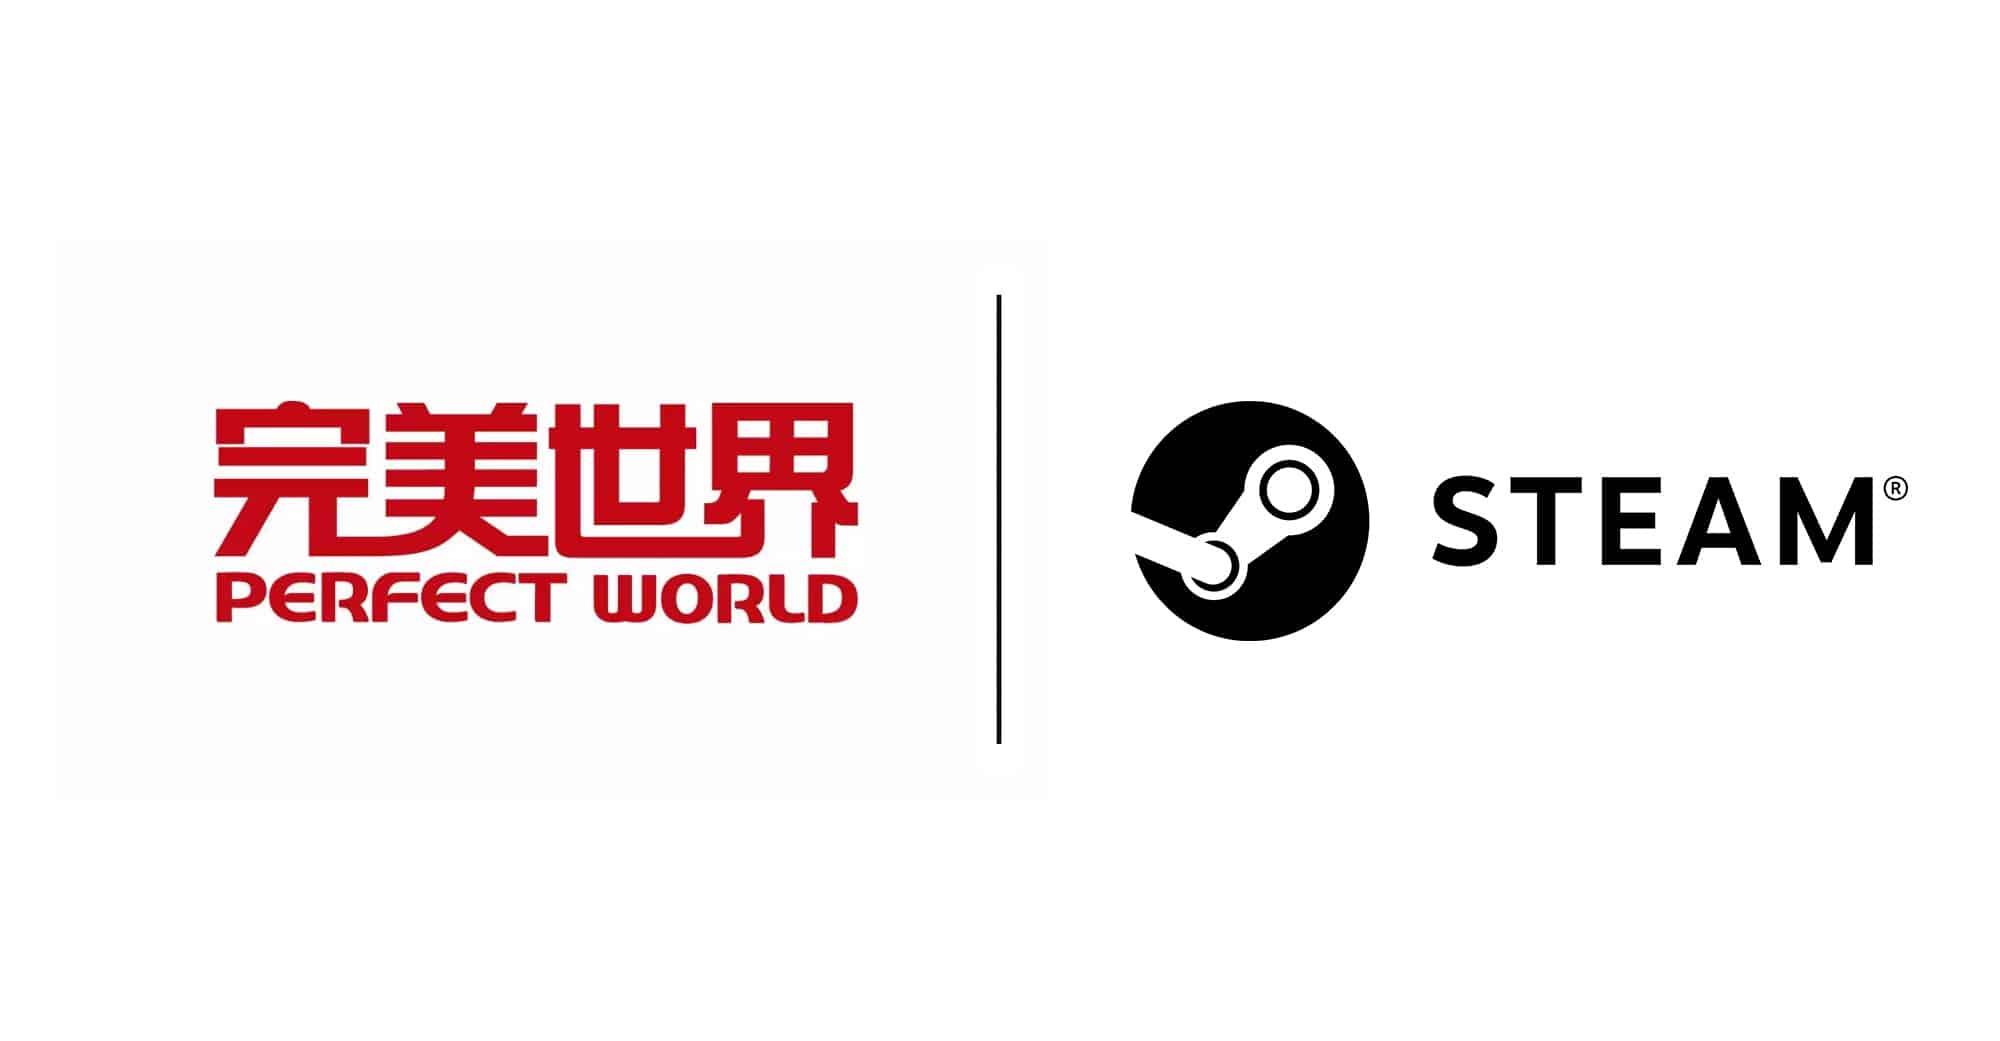 يصل Steam إلى الصين ... ولكن بشكل مختلف تمامًا 1